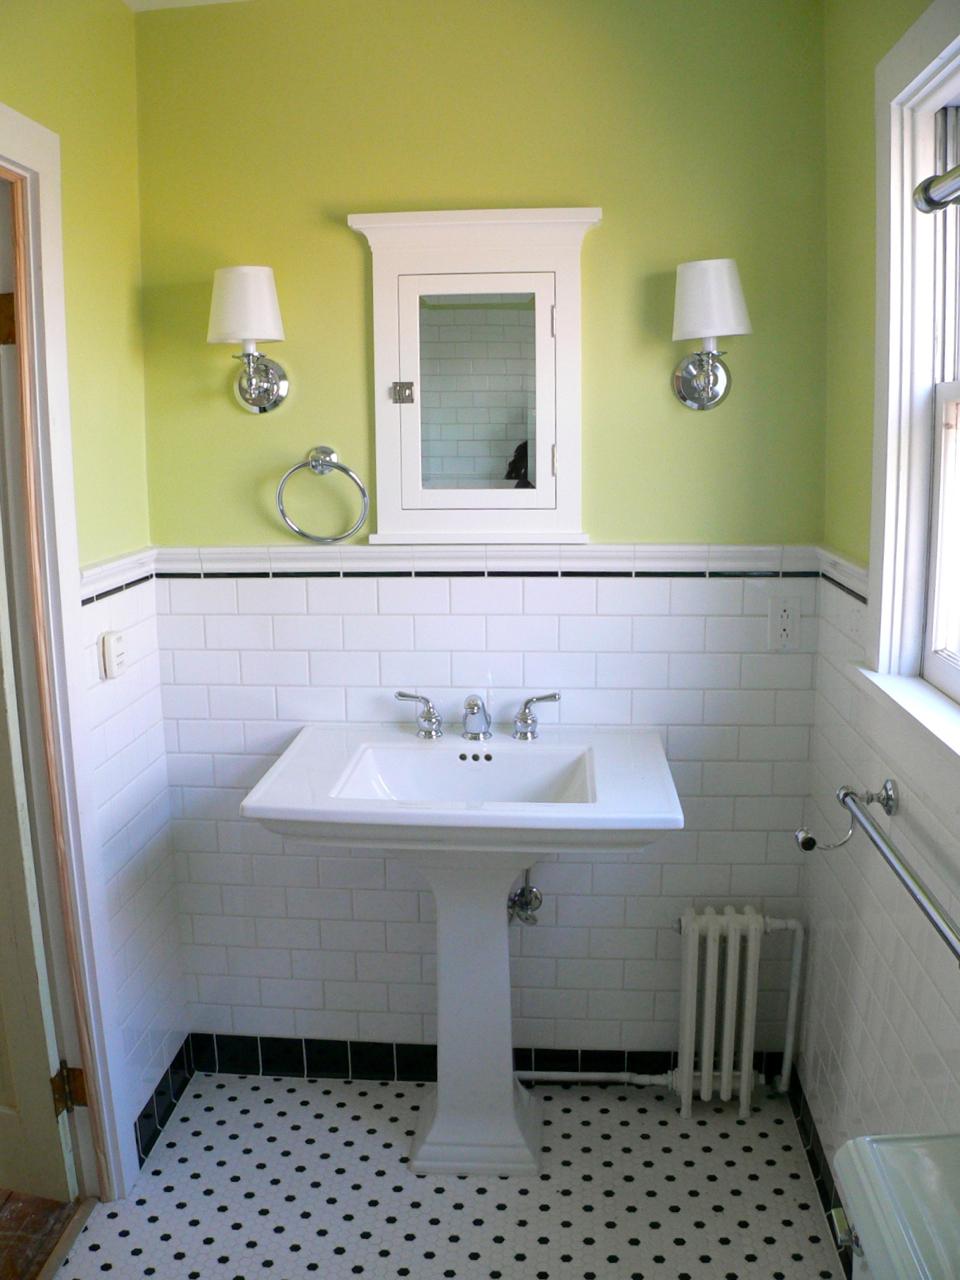 25 Farmhouse Bathroom Design Ideas - Decoration Love on Farmhouse Tile Bathroom Floor  id=69843